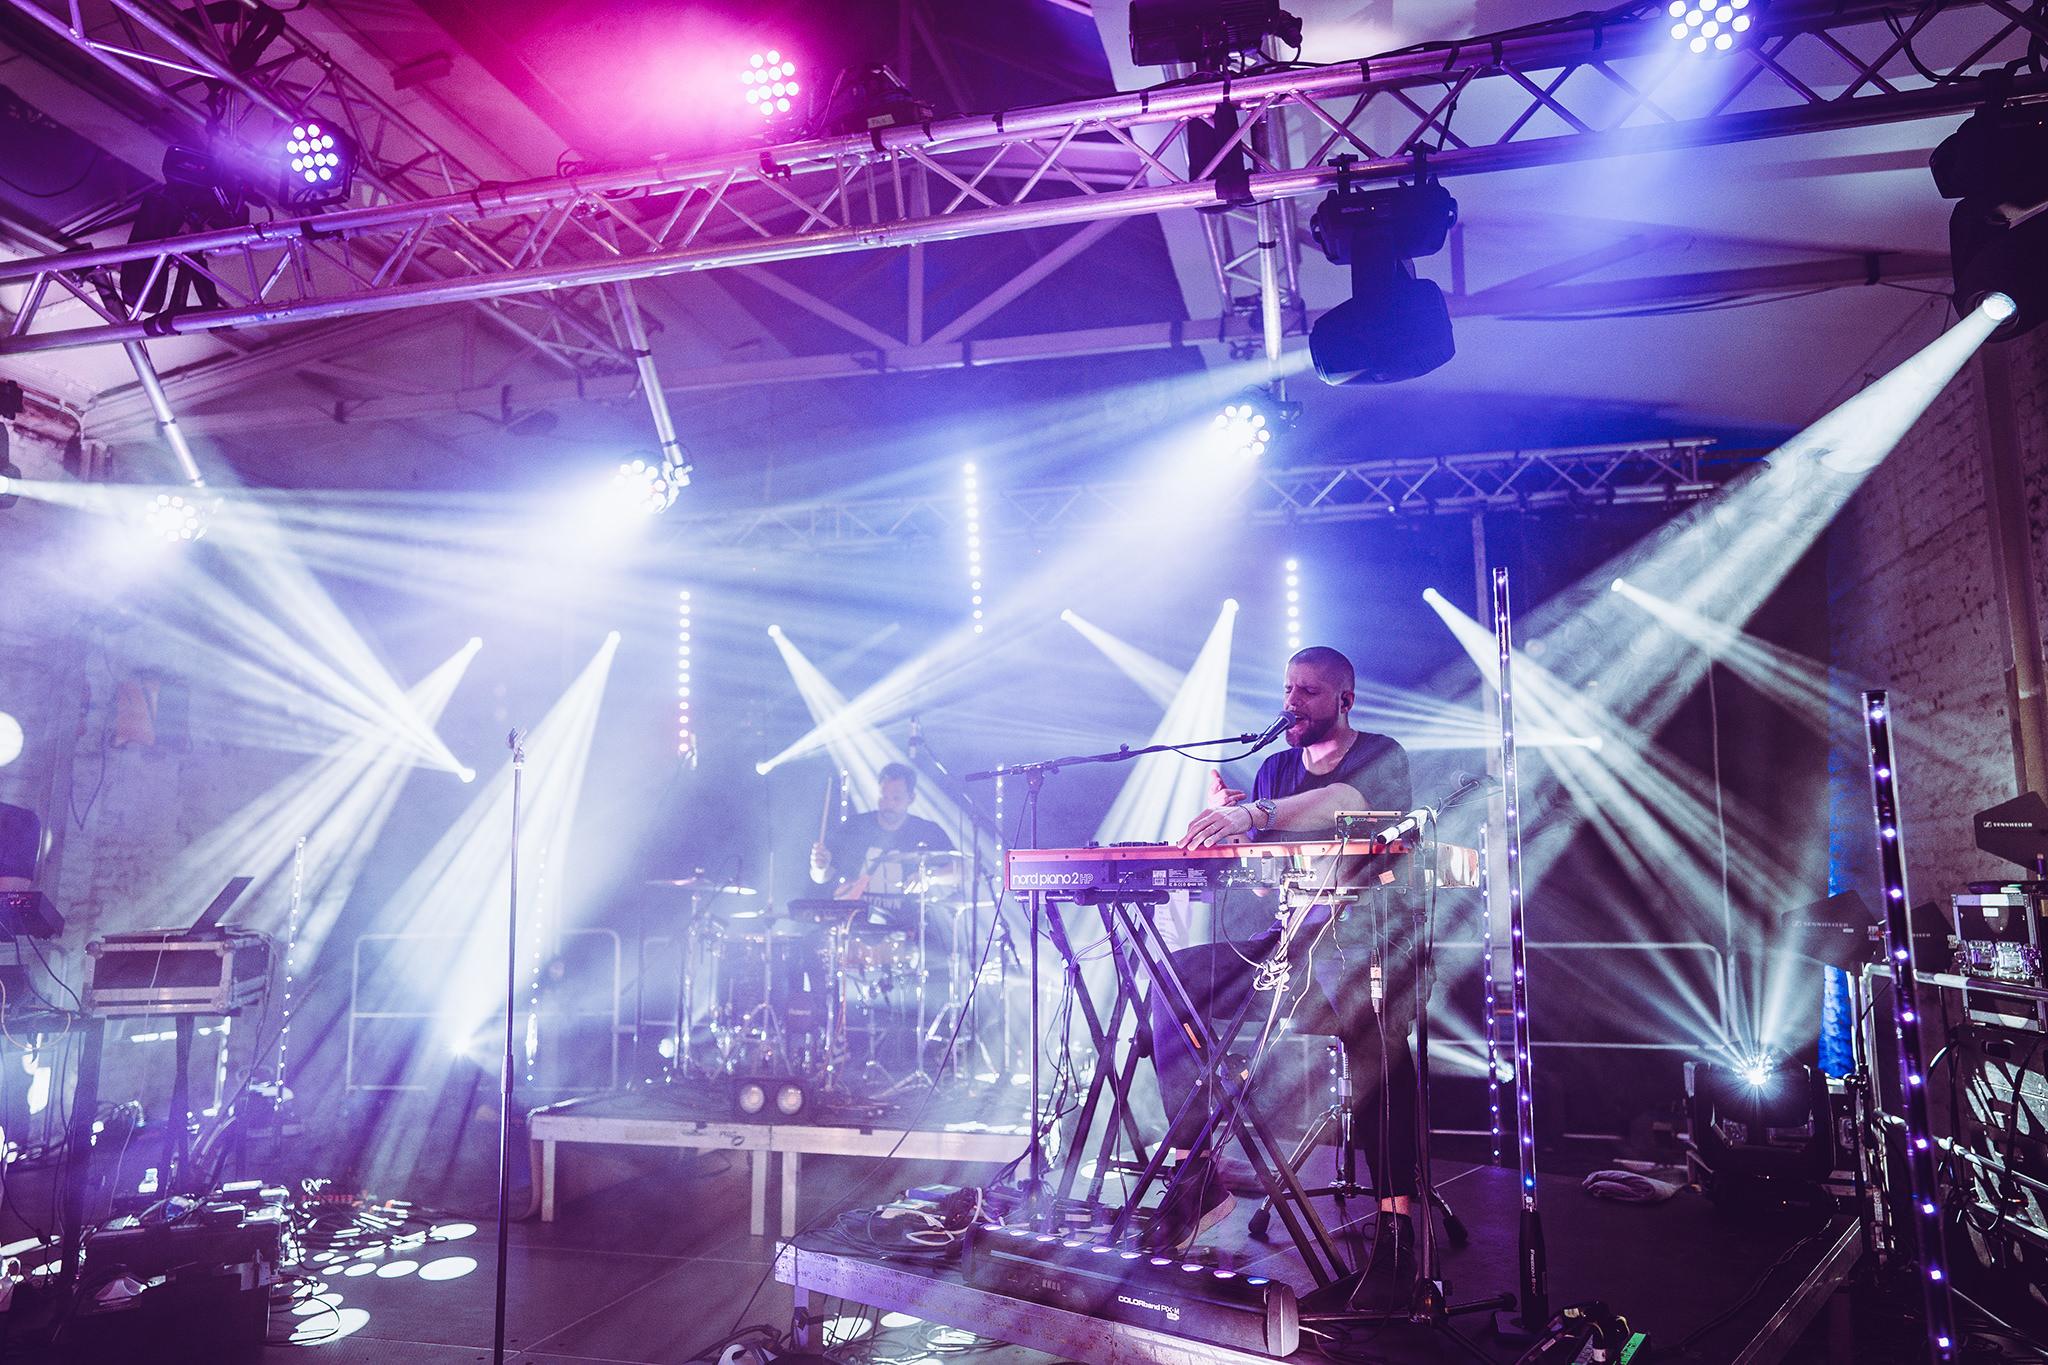 Tua live auf der SNIPES Stage